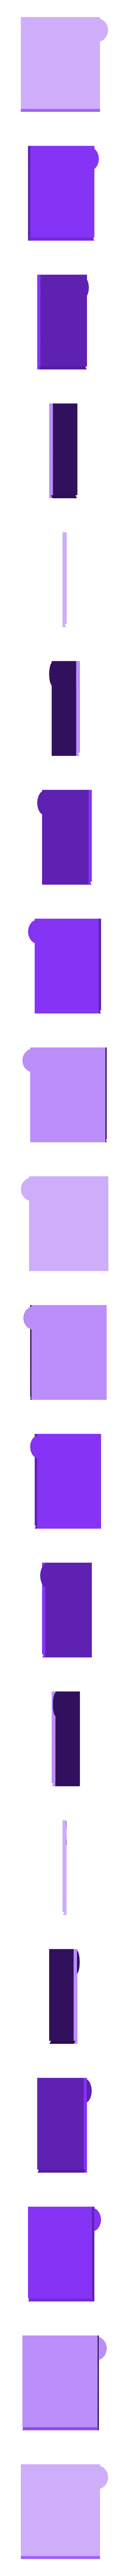 Medium_Outer_Wall.stl Télécharger fichier STL gratuit Boîte Dominion Box • Modèle pour imprimante 3D, gthanatos